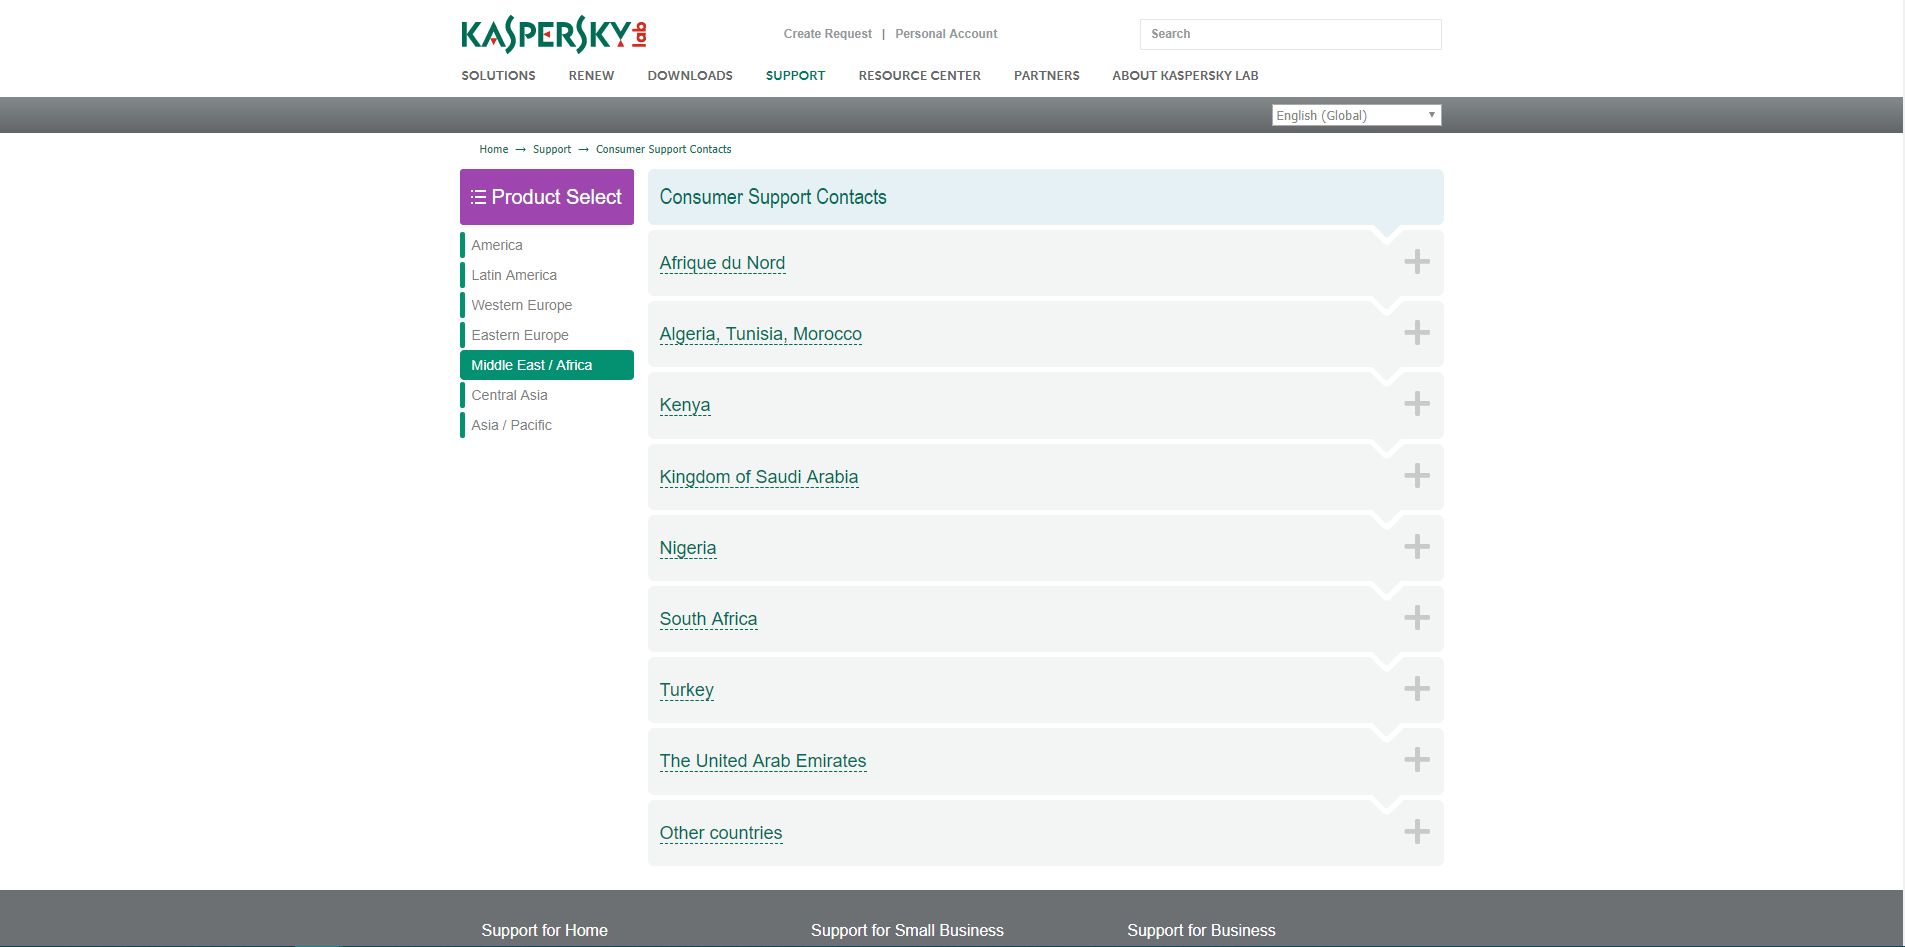 Kaspersky lab Support